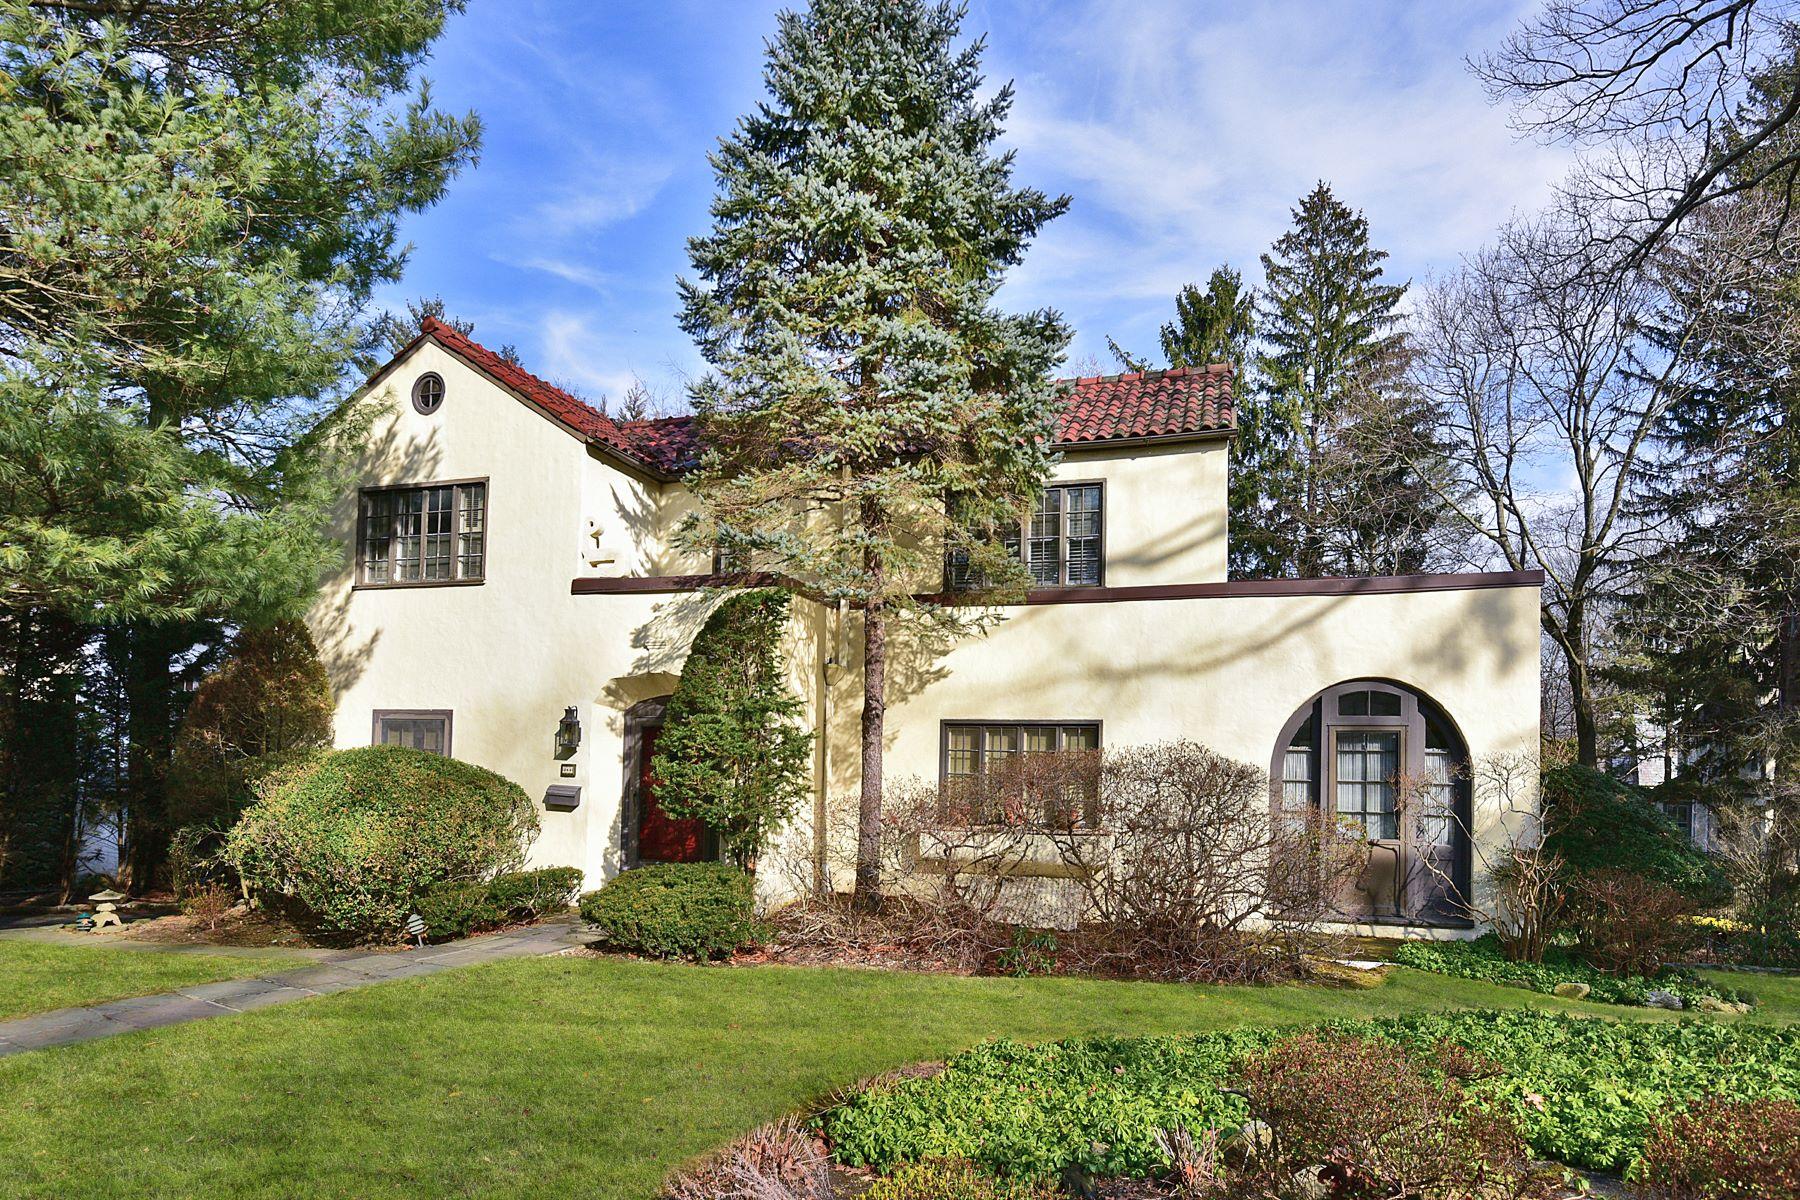 独户住宅 为 销售 在 Gracious Mediterranean Gem 262 Rockingstone Avenue, 拉奇芒德镇, 纽约州, 10538 美国